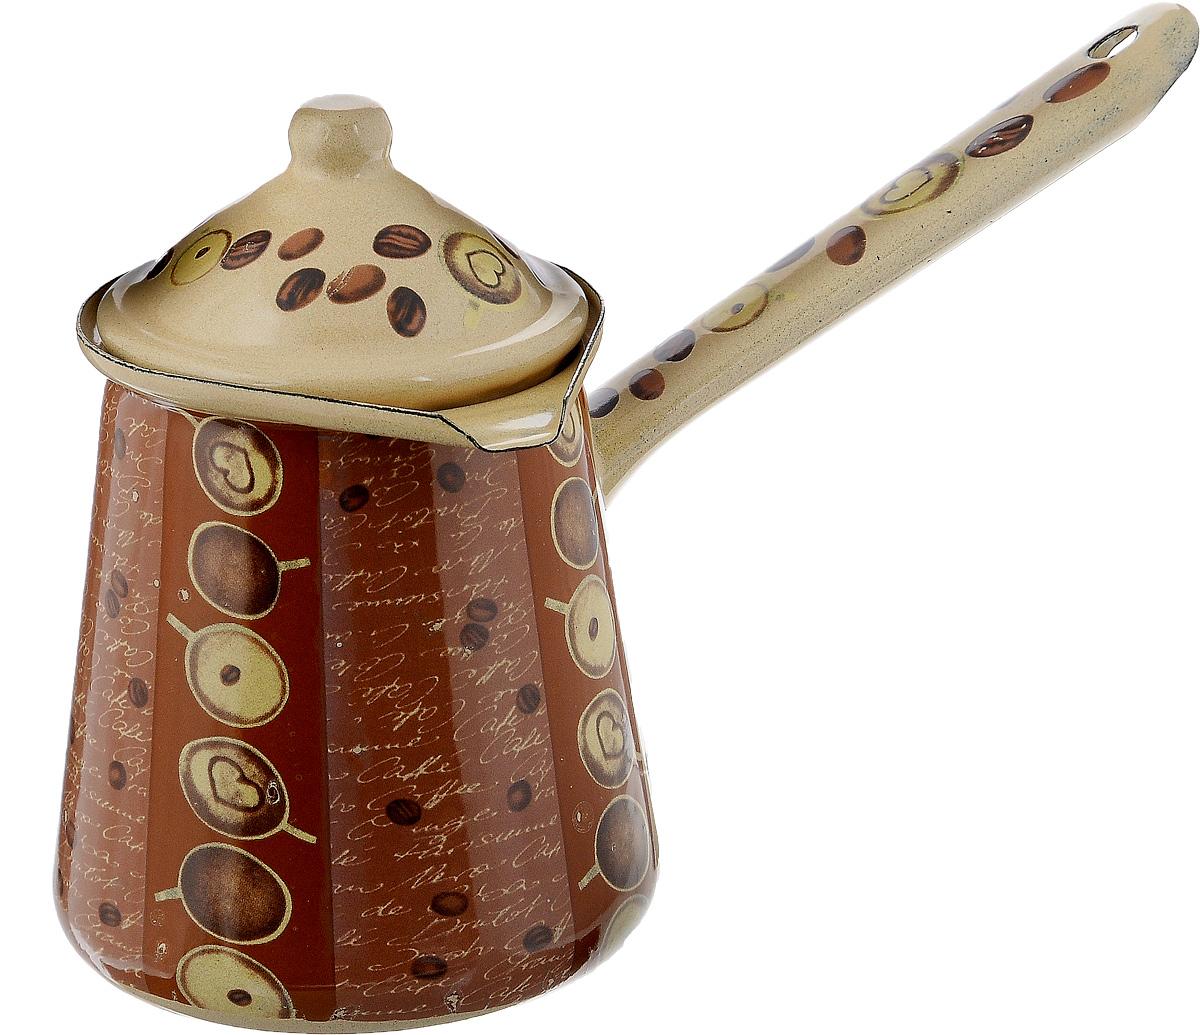 Турка Calve, с крышкой, цвет: бежевый, коричневый, 700 млCL-7001_бежевыйТурка Calve, изготовленная из высококачественной стали, предназначена для приготовления кофе. Внешние стенки турки оформлены изящным рисунком с изображением кофейных зерен. Изделие имеет широкое горлышко, специальный носик и крышку. Рукоятка снабжена специальным отверстием, благодаря которому изделие можно подвесить на крючок. Кофе в турке варится очень просто. Насыпьте молотый кофе, залейте водой и варите на слабом огне, не доводя до кипения. Чем дольше кофе варить, тем крепче он становится. Подходит для всех видов плит, включая индукционные. Диаметр турки (по верхнему краю): 9,5 см. Длина ручки: 14,5 см. Высота стенки: 12,5 см.